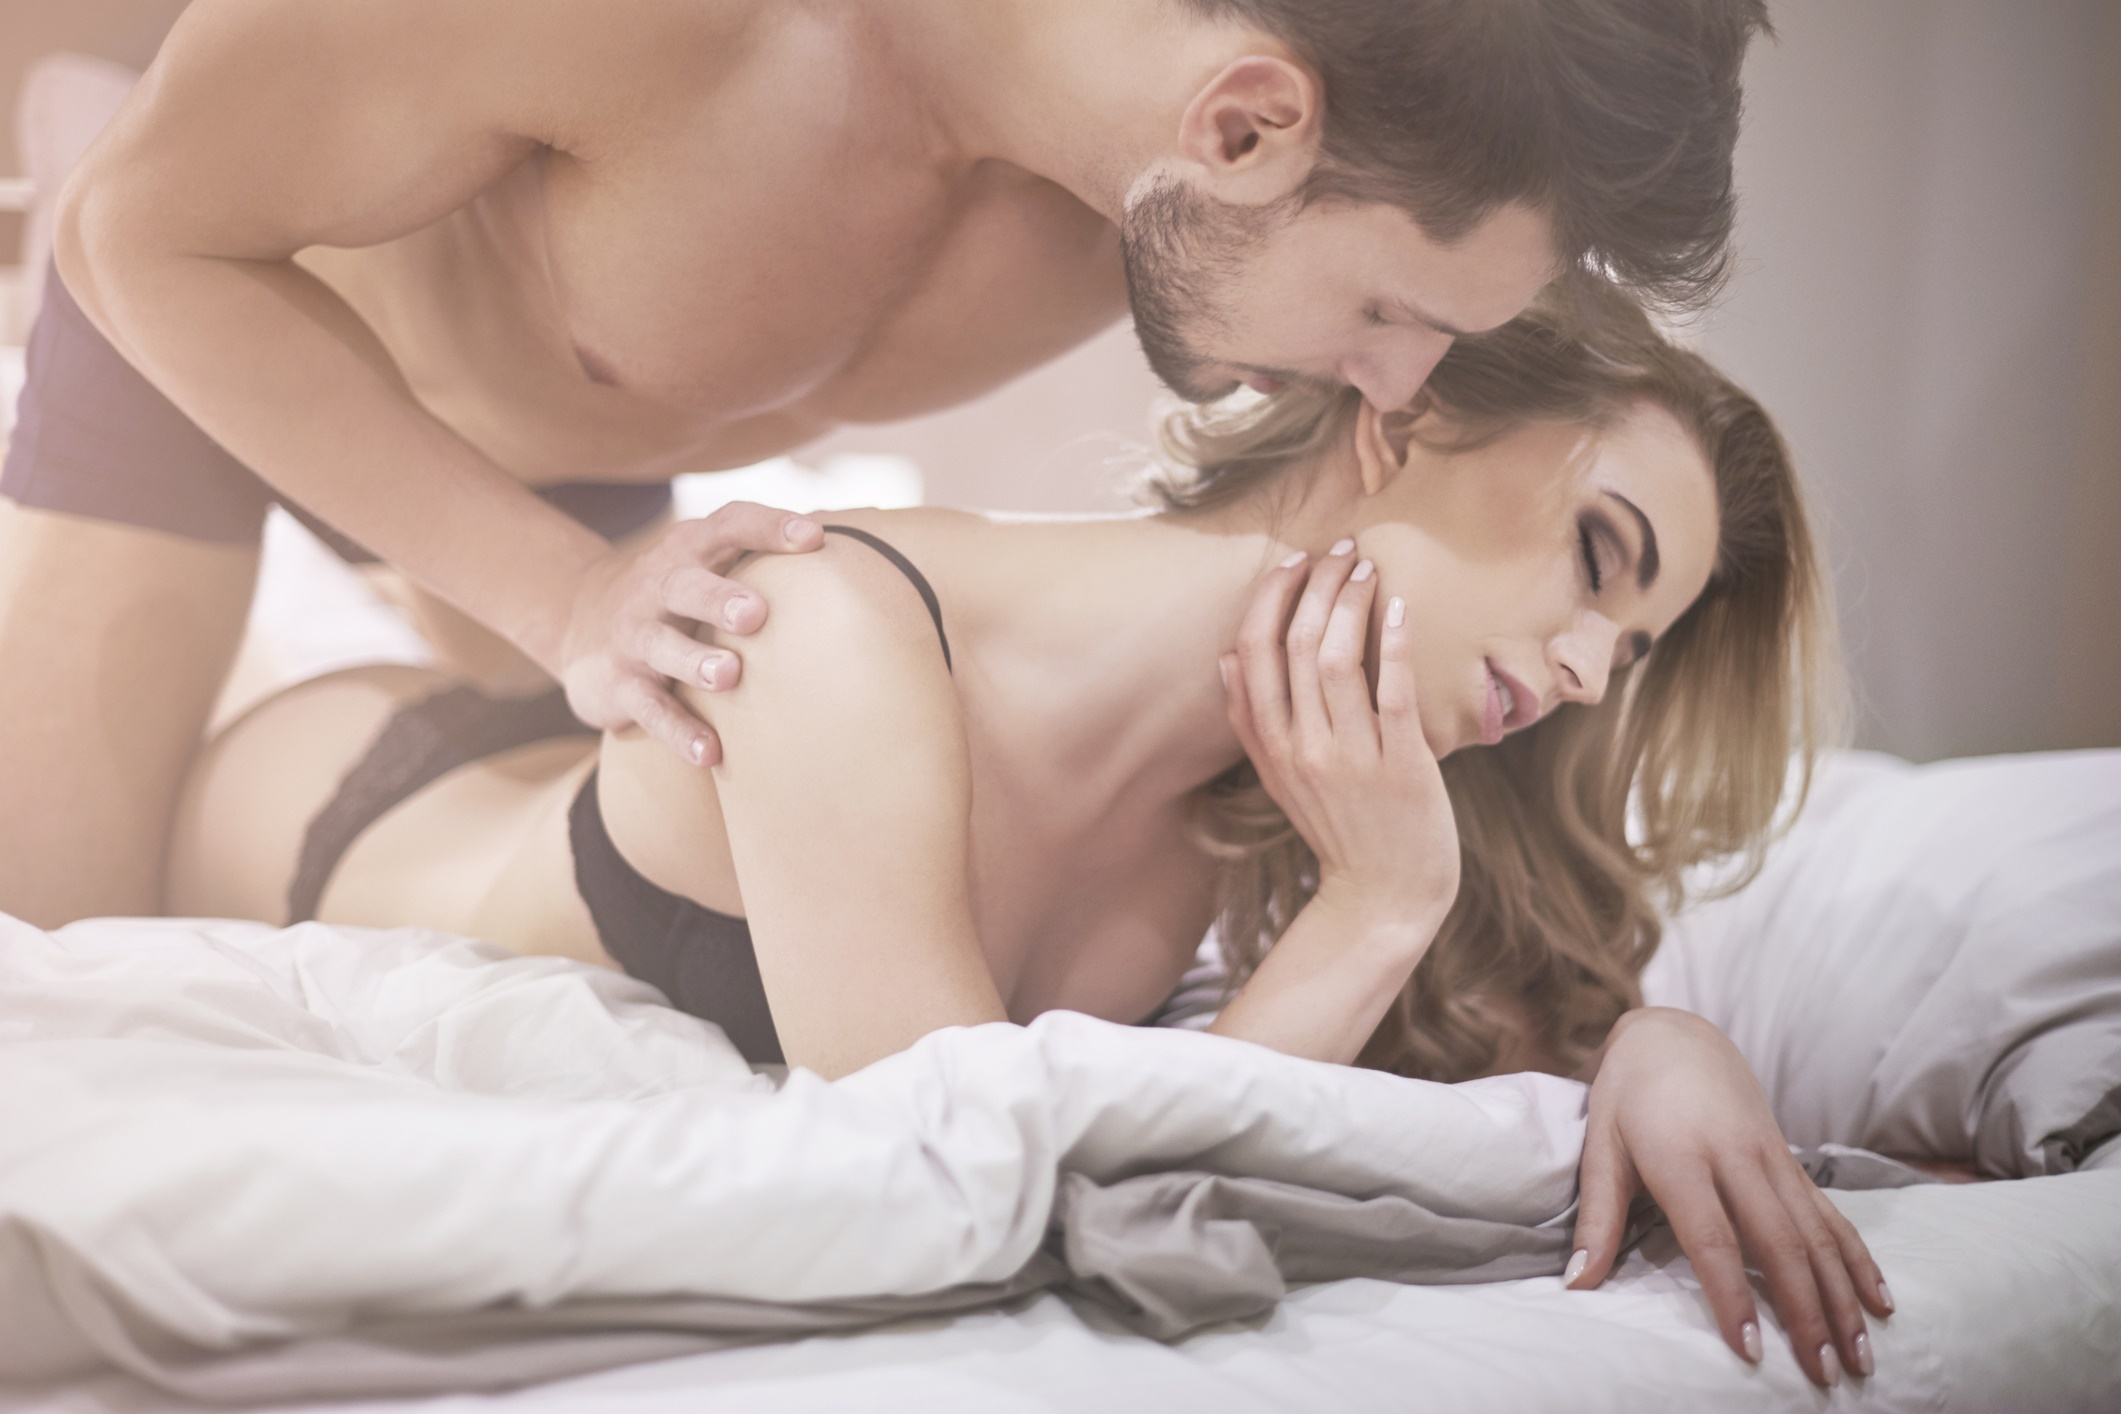 feleség párok pornó képek